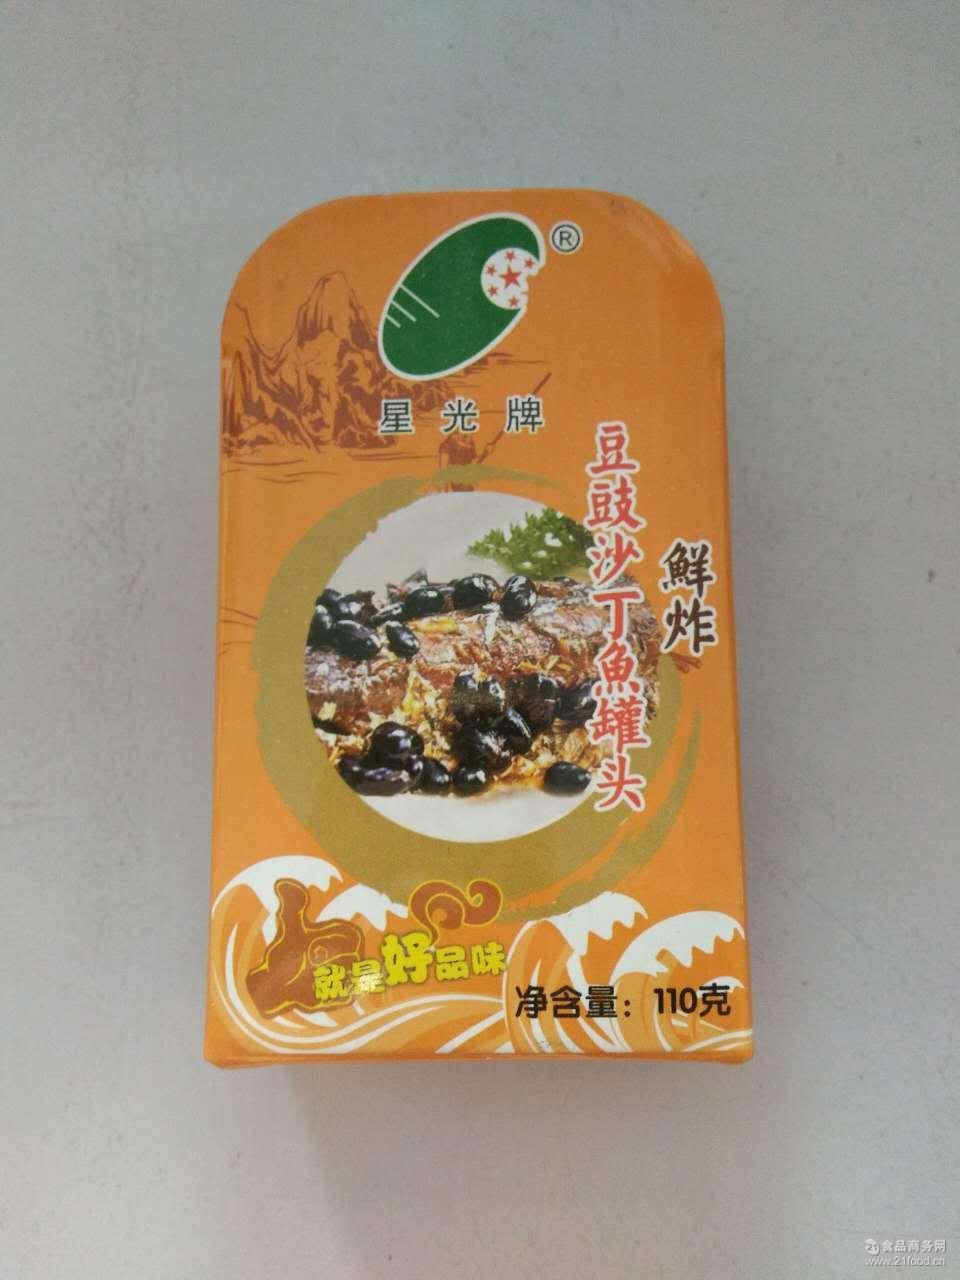 批发零售鲜炸豆豉沙丁鱼罐头110g*18/箱易拉罐装开罐即食鱼罐头